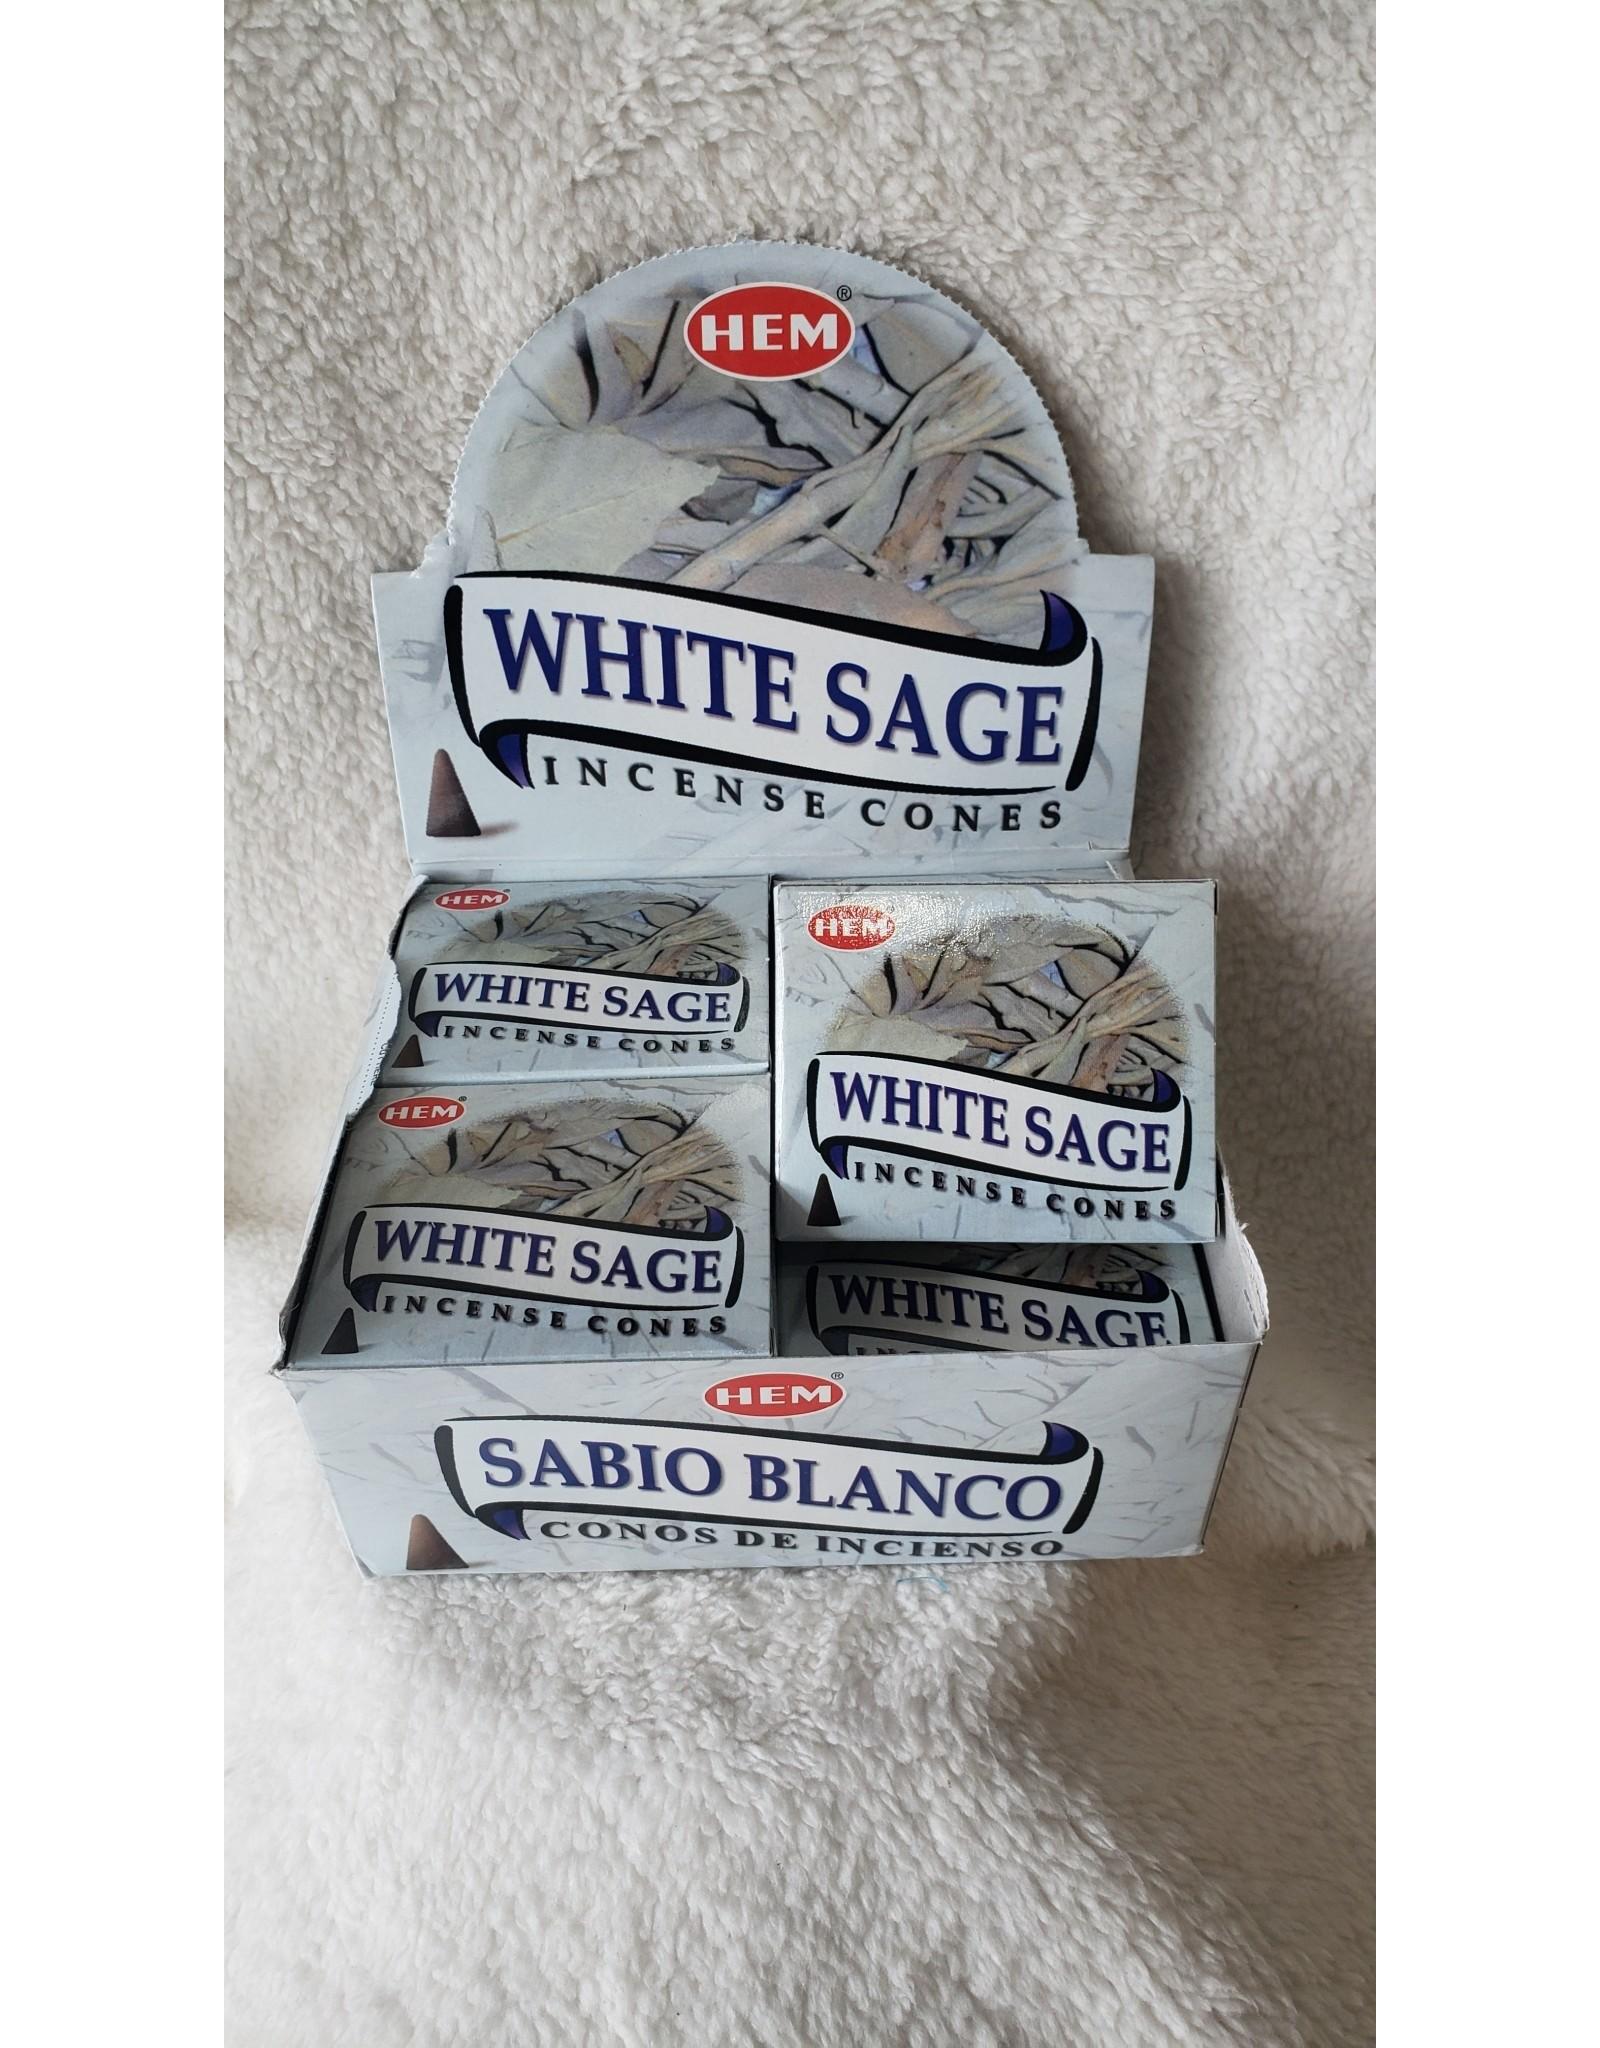 Hem Incense Cones 10 ct.   White Sage